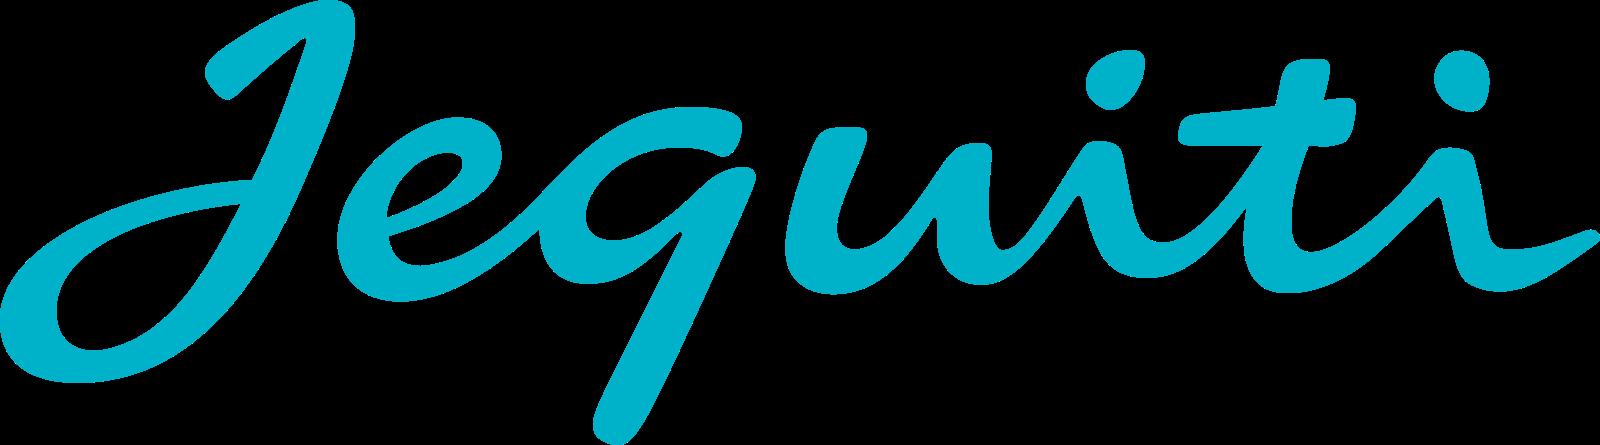 jequiti-logo-4